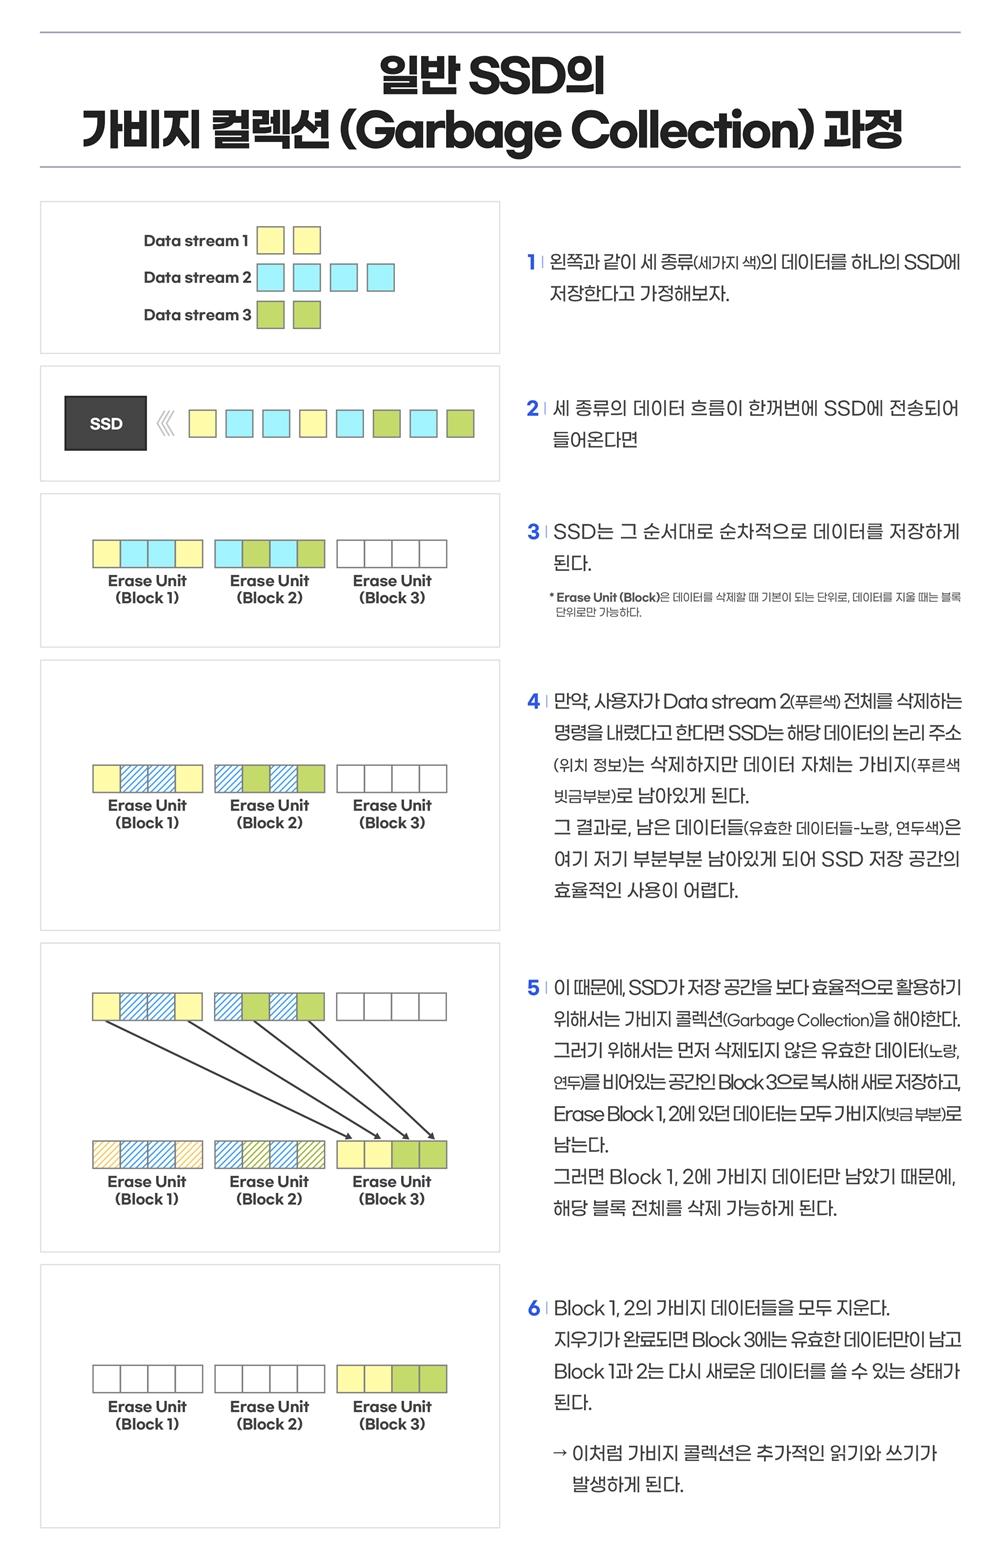 일반 SSD의 가비지 컬렉션(Garbage Collection) 1 왼쪽과 같이 세 종류(세가지 색)의 데이터를 하나의 SSD에 저장한다고 가정해보자. 세 종류의 데이터 흐름이 한꺼번에 SSD에 전송되어 들어온다면 SSD는 그 순서대로 순차적으로 데이터를 저장하게 된다. 4. 만약, 사용자가 Data Stream2(푸른색) 전체를 삭제하는 명령을 내렸다고 한다면 SSD는 해당 데이터의 논리 주소(위치 정보)는 삭제하지만 데이터 자체는 가비지(푸른색 빗금부분)로 남아있게 된다. 이 때문에, SSD가 저장공간을 보다 효율적으로 활용하기 위해서는 가비지 콜렉션(Garvage Collection)을 해야한다. 그러기 위해서는 먼저 삭제되지 않은 유효한 데이터(노랑, 연두)를 비어있는 공간인 Blaock 3으로 복사해 새로 저장하고, Erase Block 1,2에 가지비(빗금 부분)로 남는다. 그러면 Block 1,2에 가비지 데이터만 남았기 때문에, 해당 블록 전체를 삭제 가능하게 된다. 6. Block 1,2의 가비지 데이터를 모두 지운다, 지우기가 완료되면 Block 3에는 유효한 데이터만이 남고 Block 1과 2는 다시 새로운 데이터를 쓸 수 있는 상태가 된다 > 이처럼 가비지 콜렉션은 추가적인 읽기와 쓰기가 발생하게 된다.